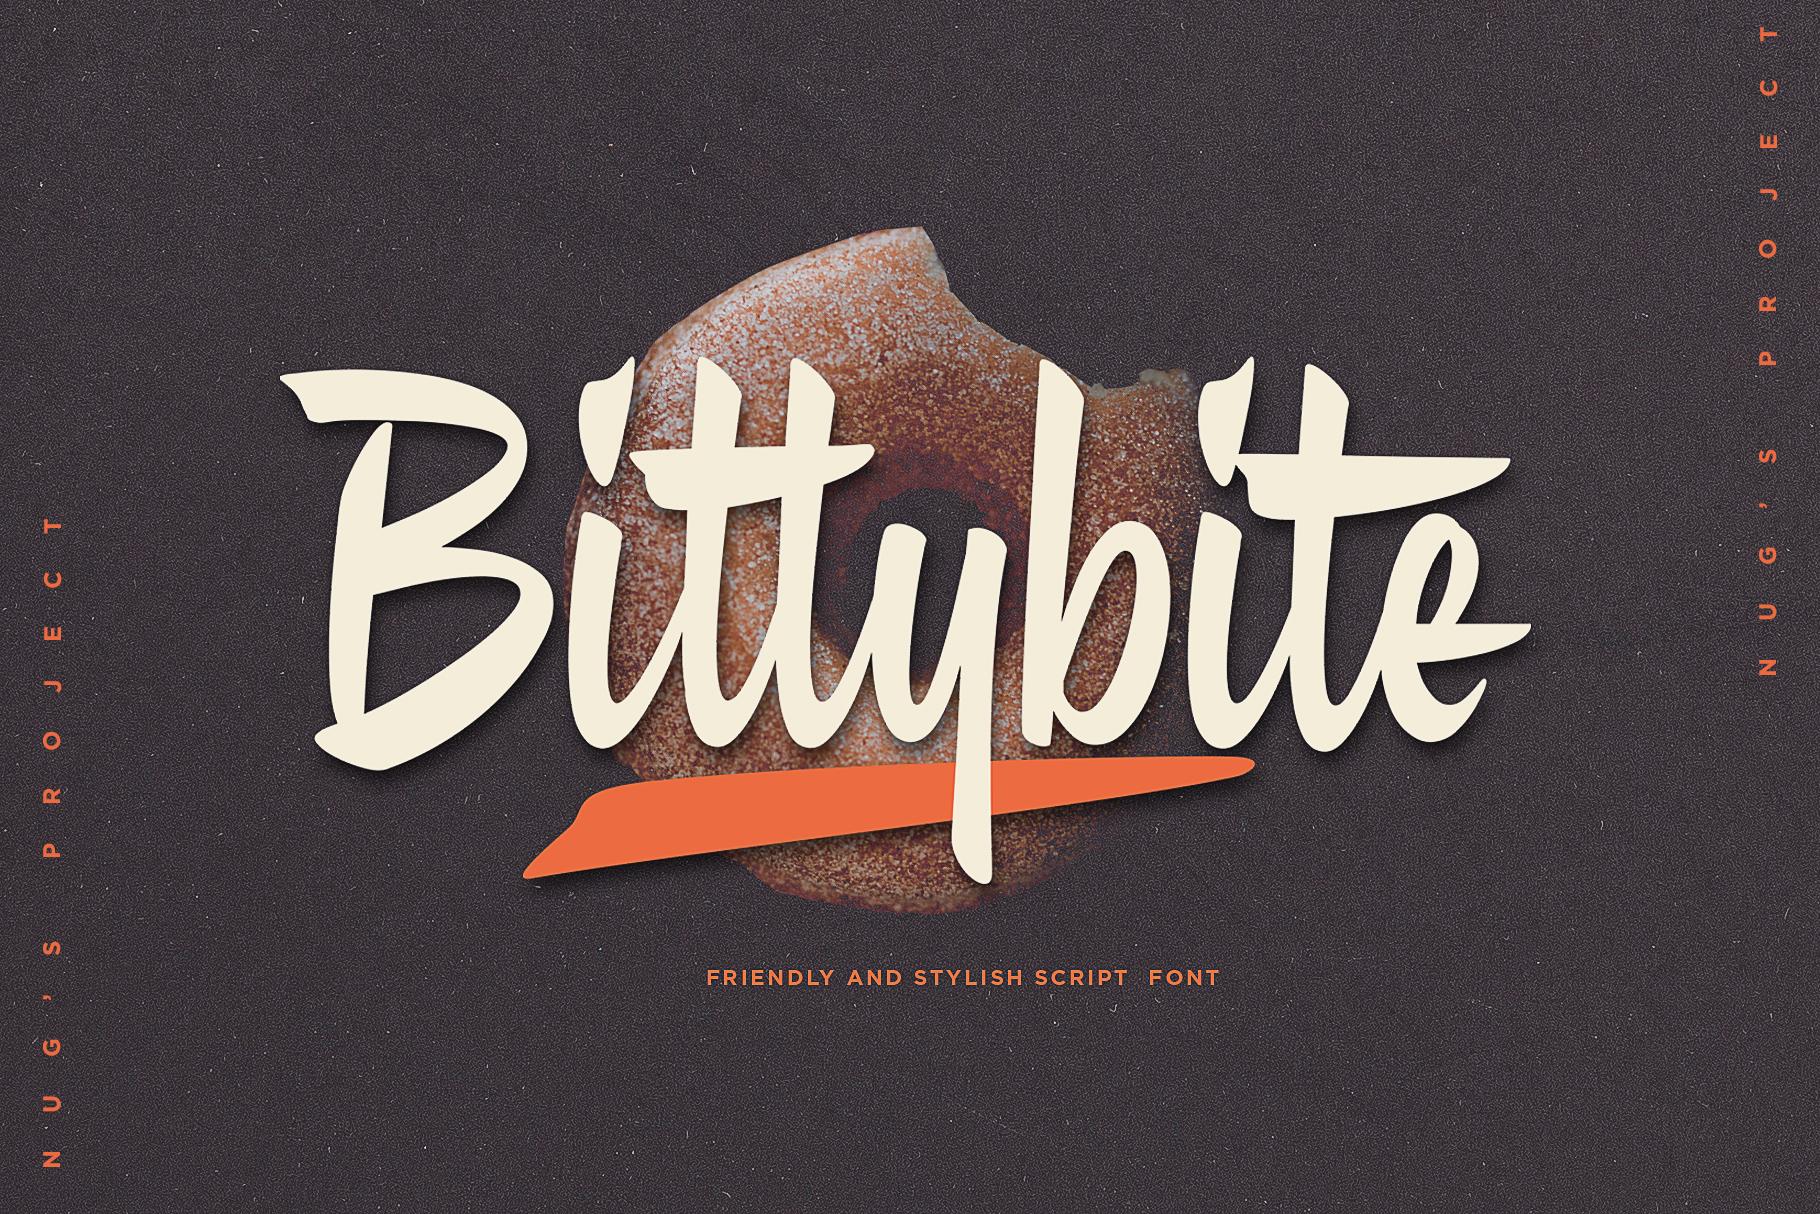 Bittybite